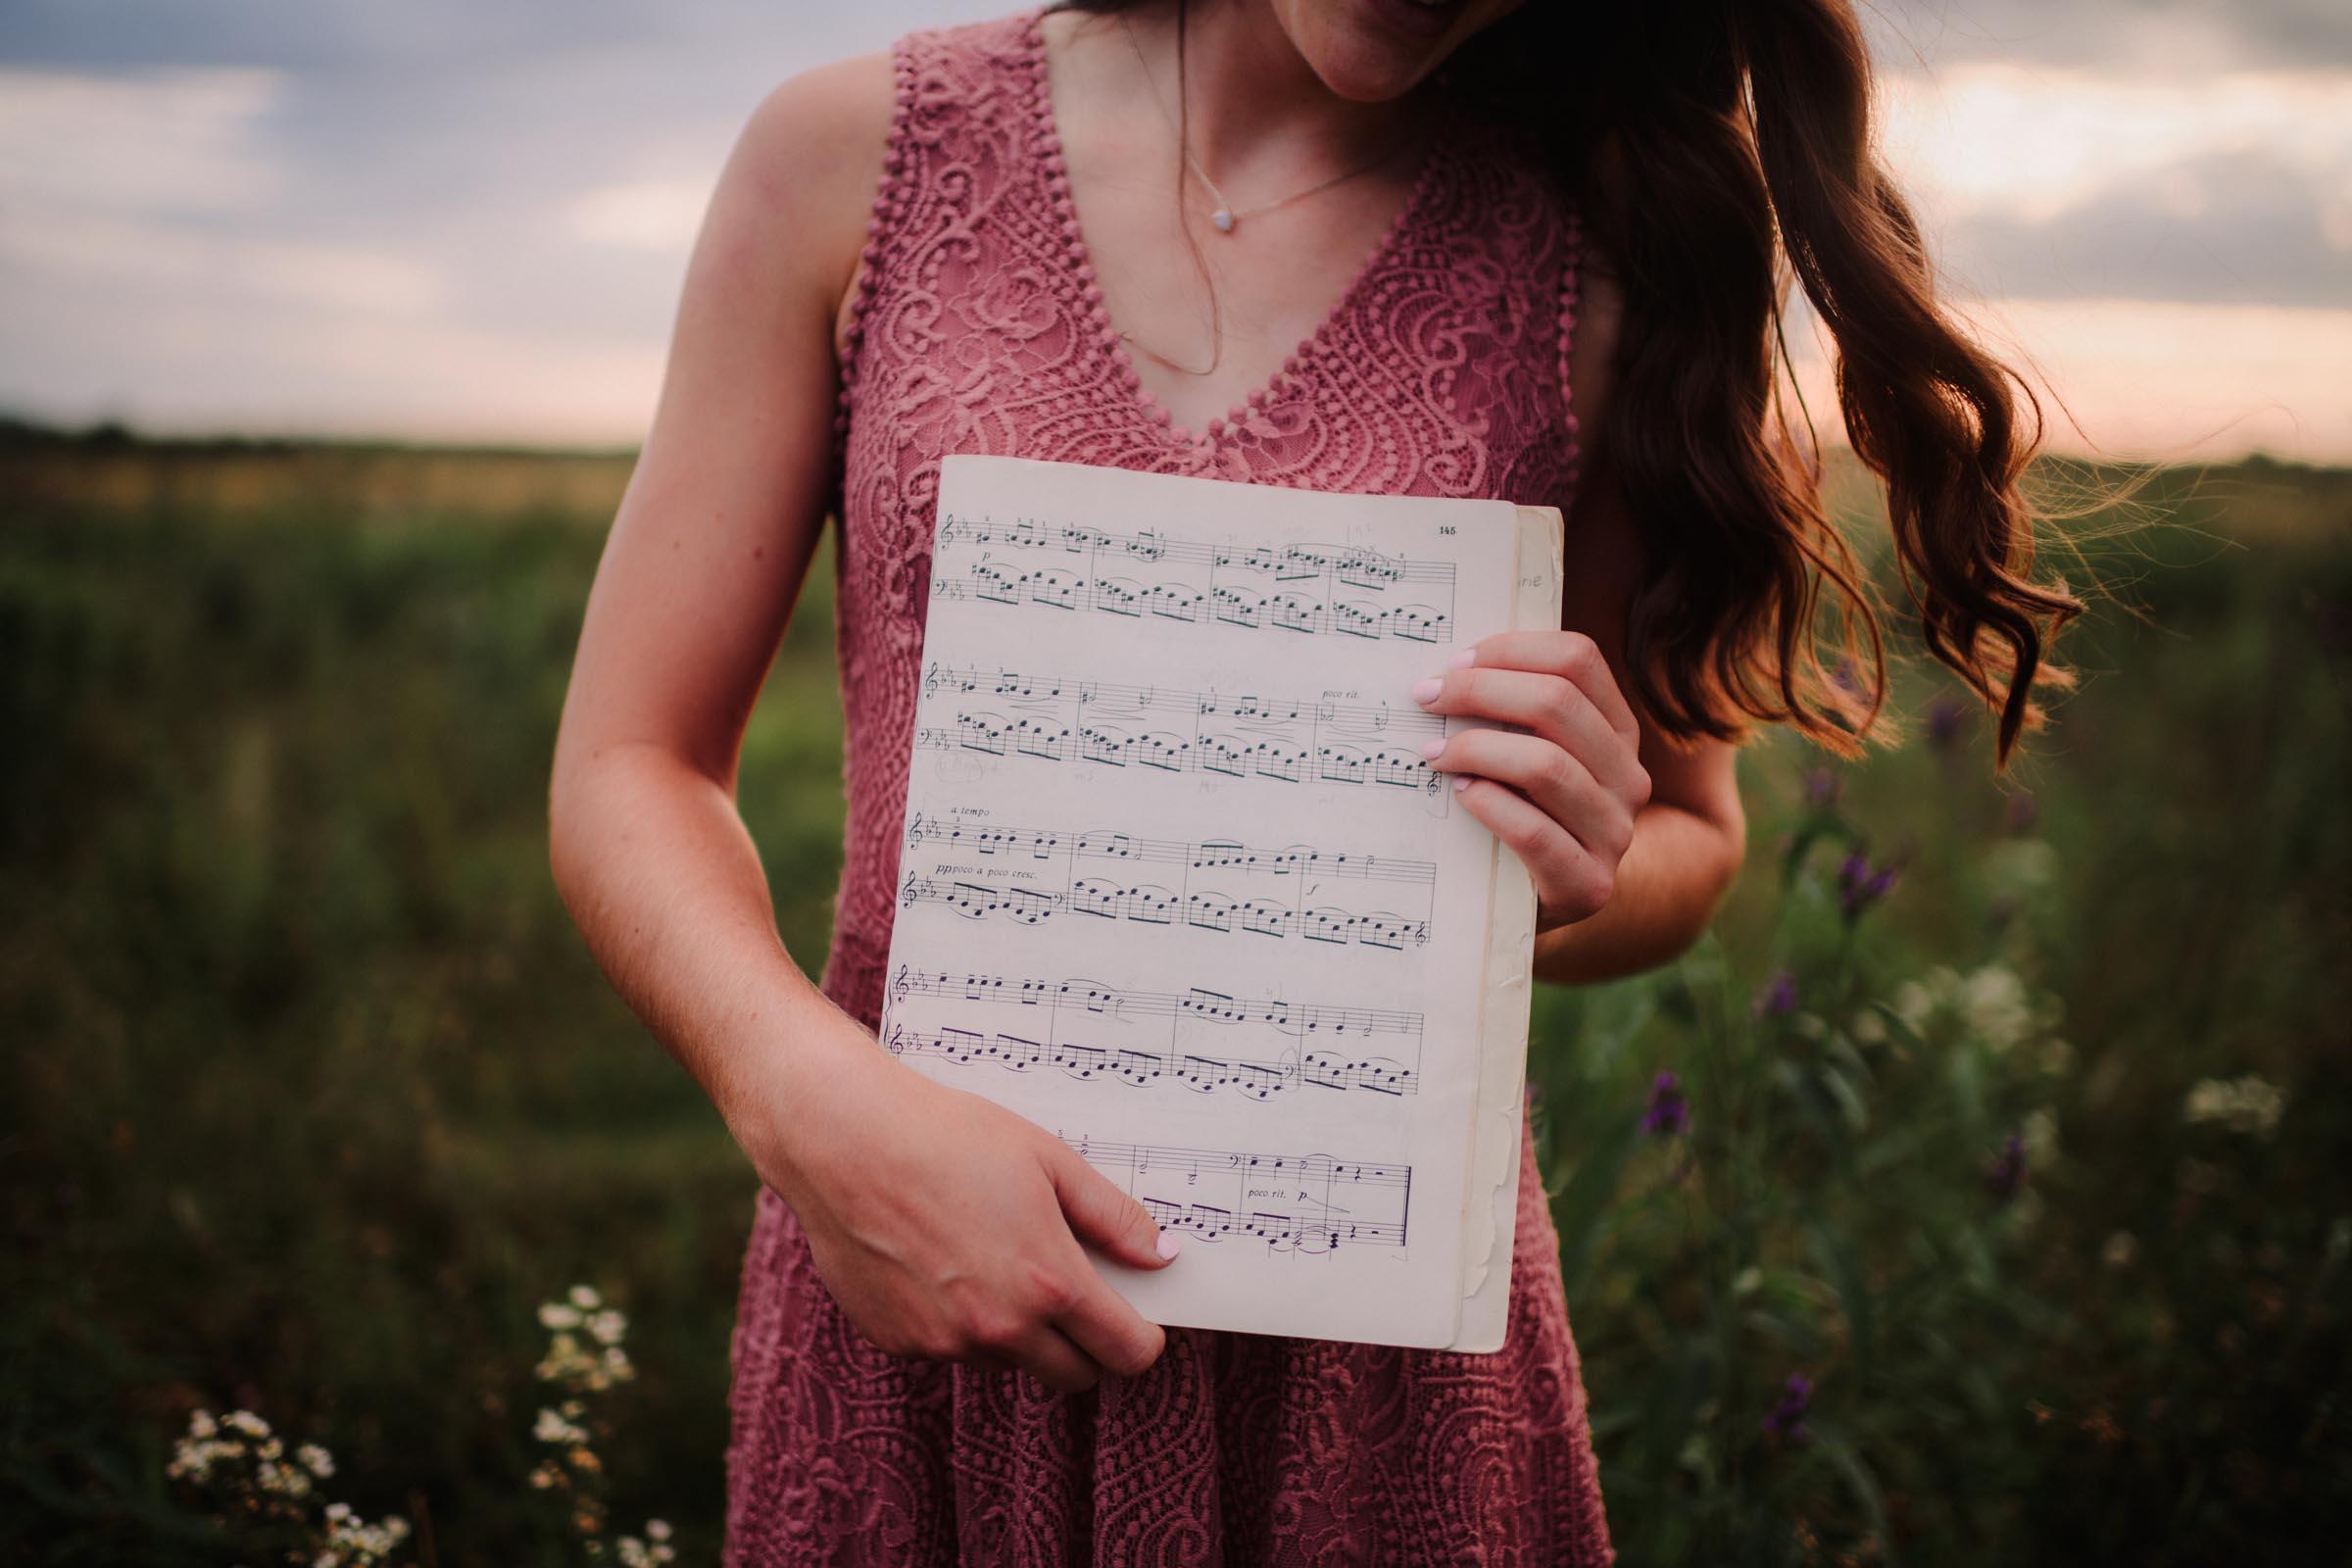 senior girl holding musical notes